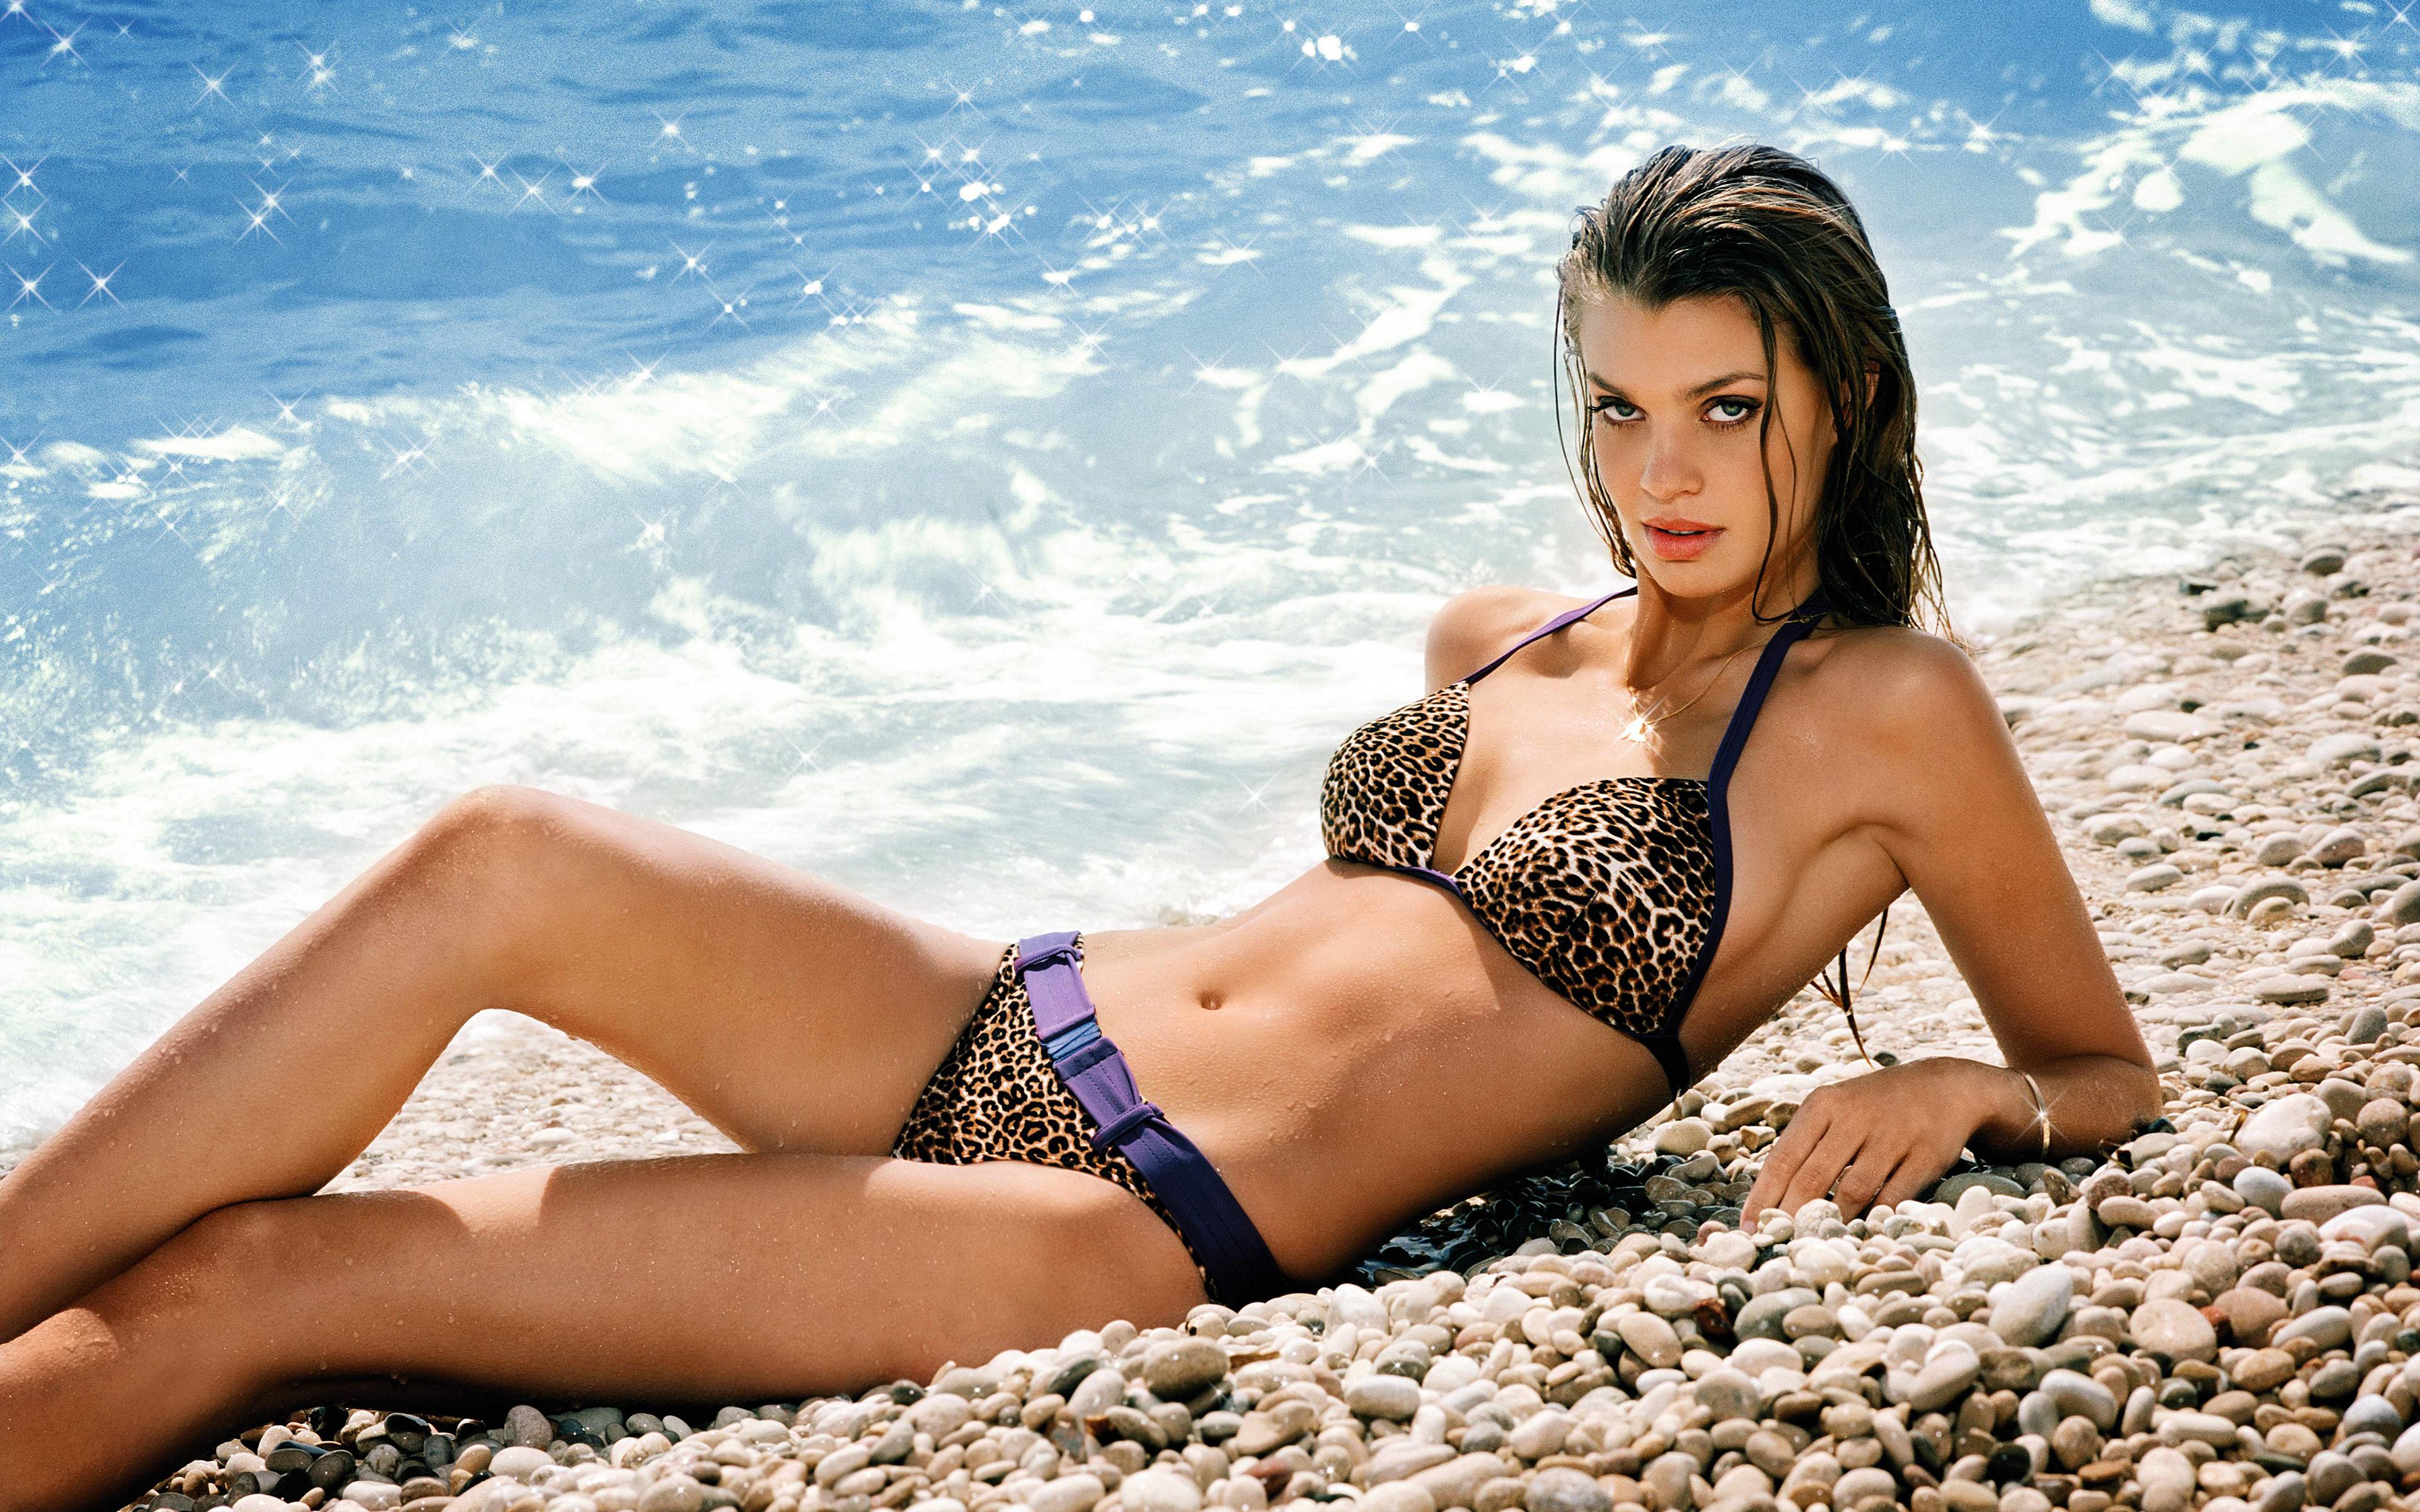 Фото девушек на пляже моделей